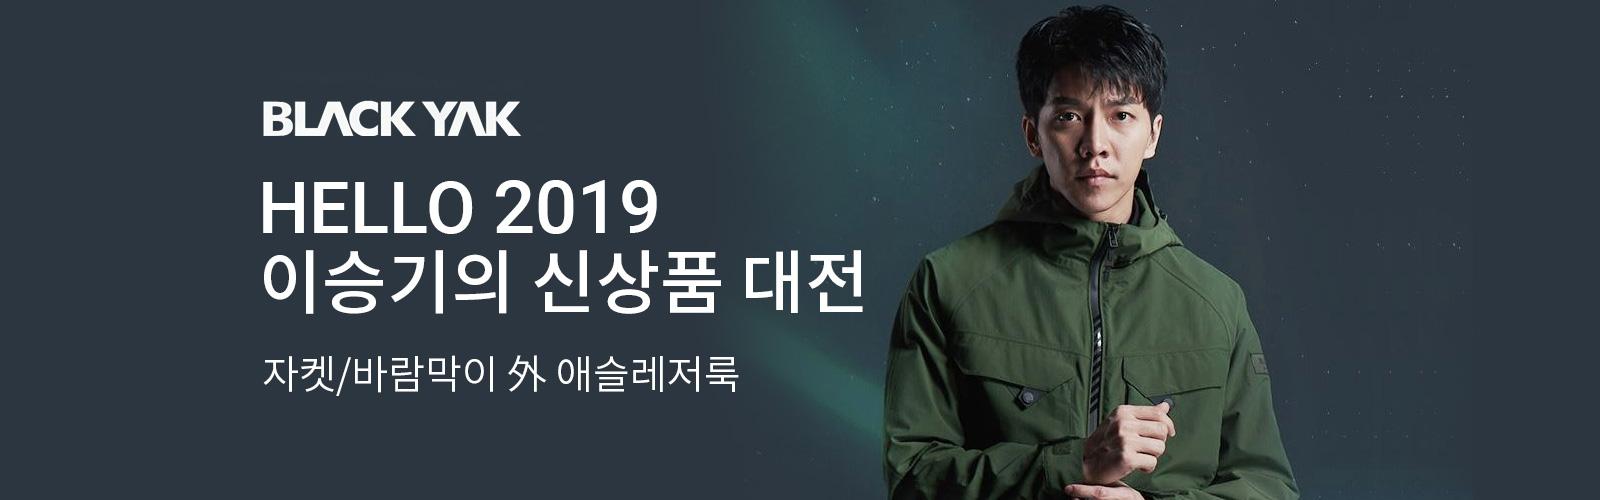 블랙야크 HELLO 2019 이승기의 신상품 대전 자켓 바람막이 외 애슬레저룩